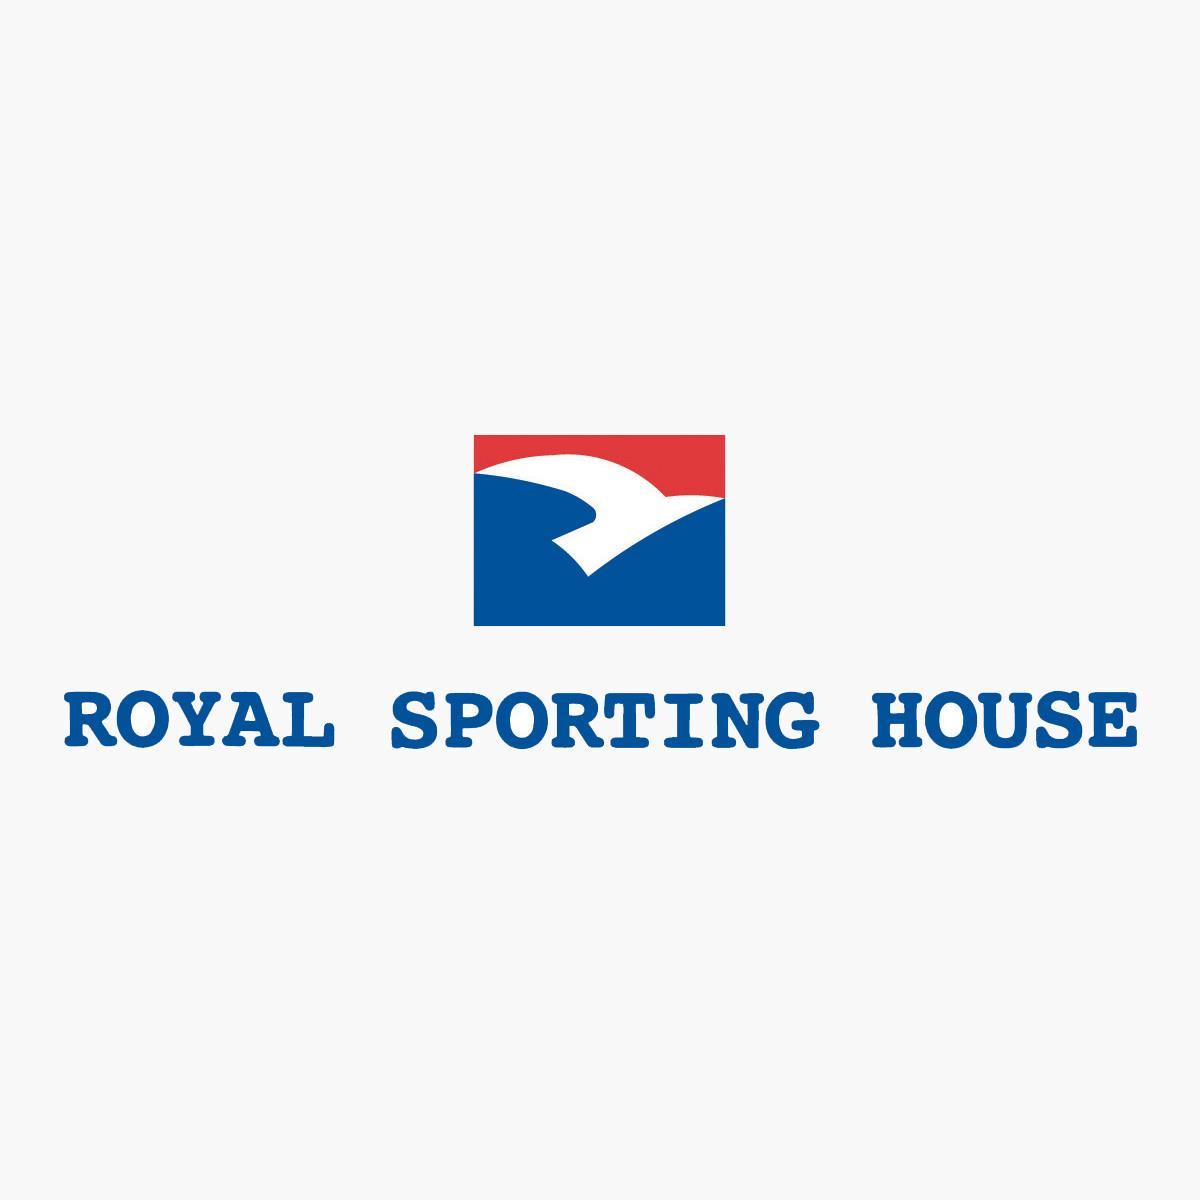 bb52e6a56e341c Royal Sporting House (Causeway Point)